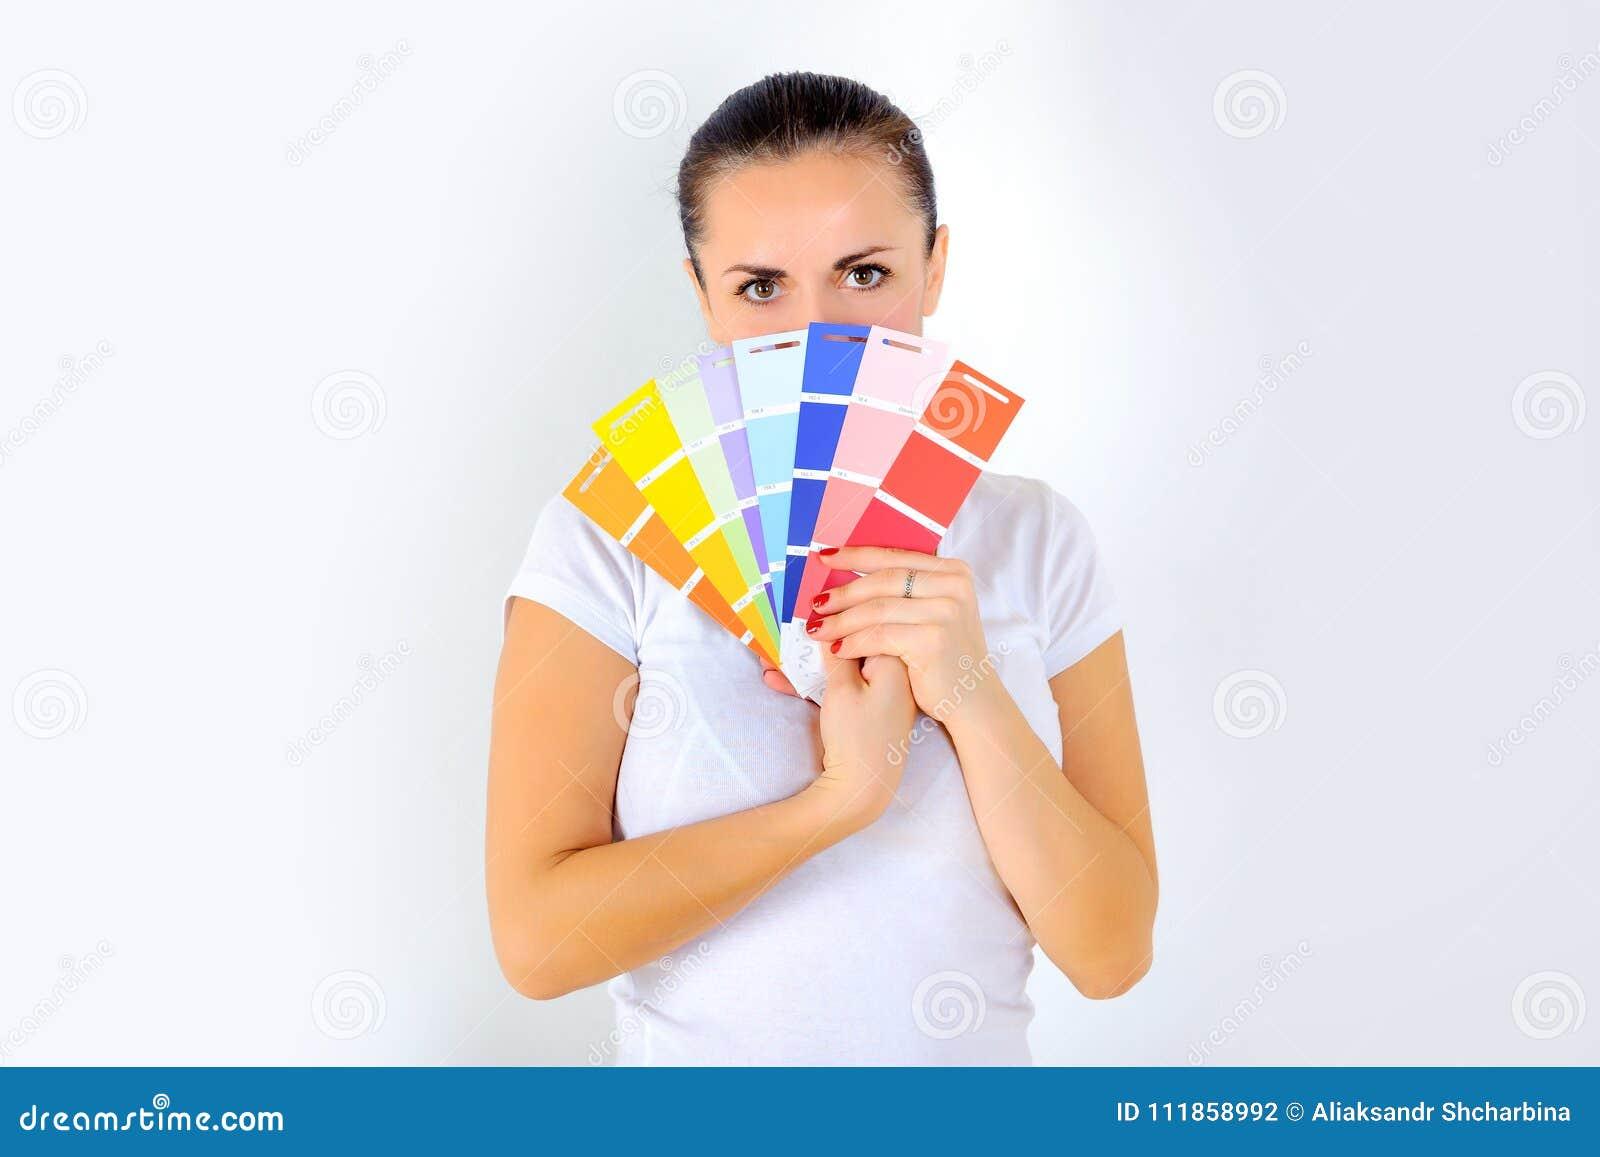 Dziewczyna trzyma fan w jej rękach wybierać farbę